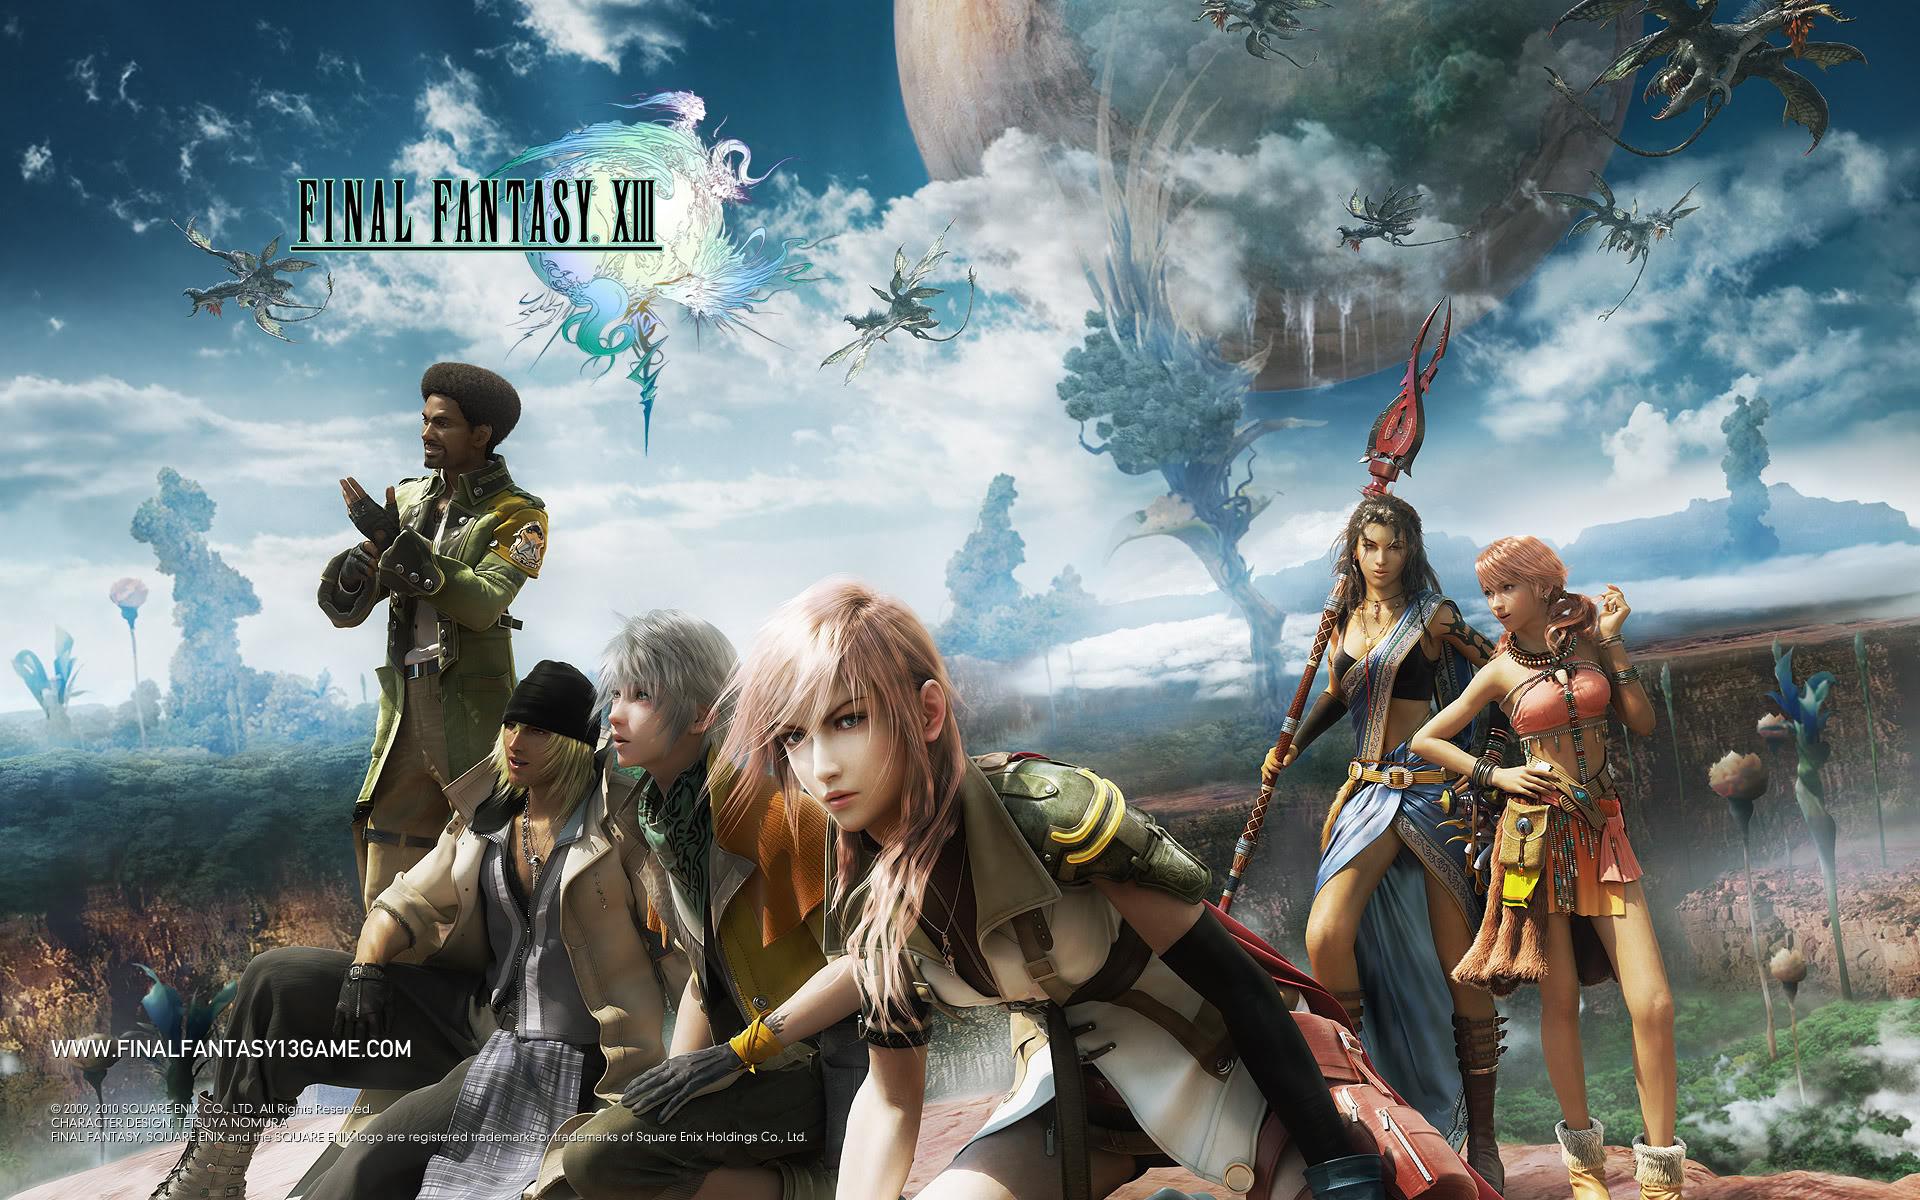 Final Fantasy 13 ou l'éloge d'une oeuvre décriée